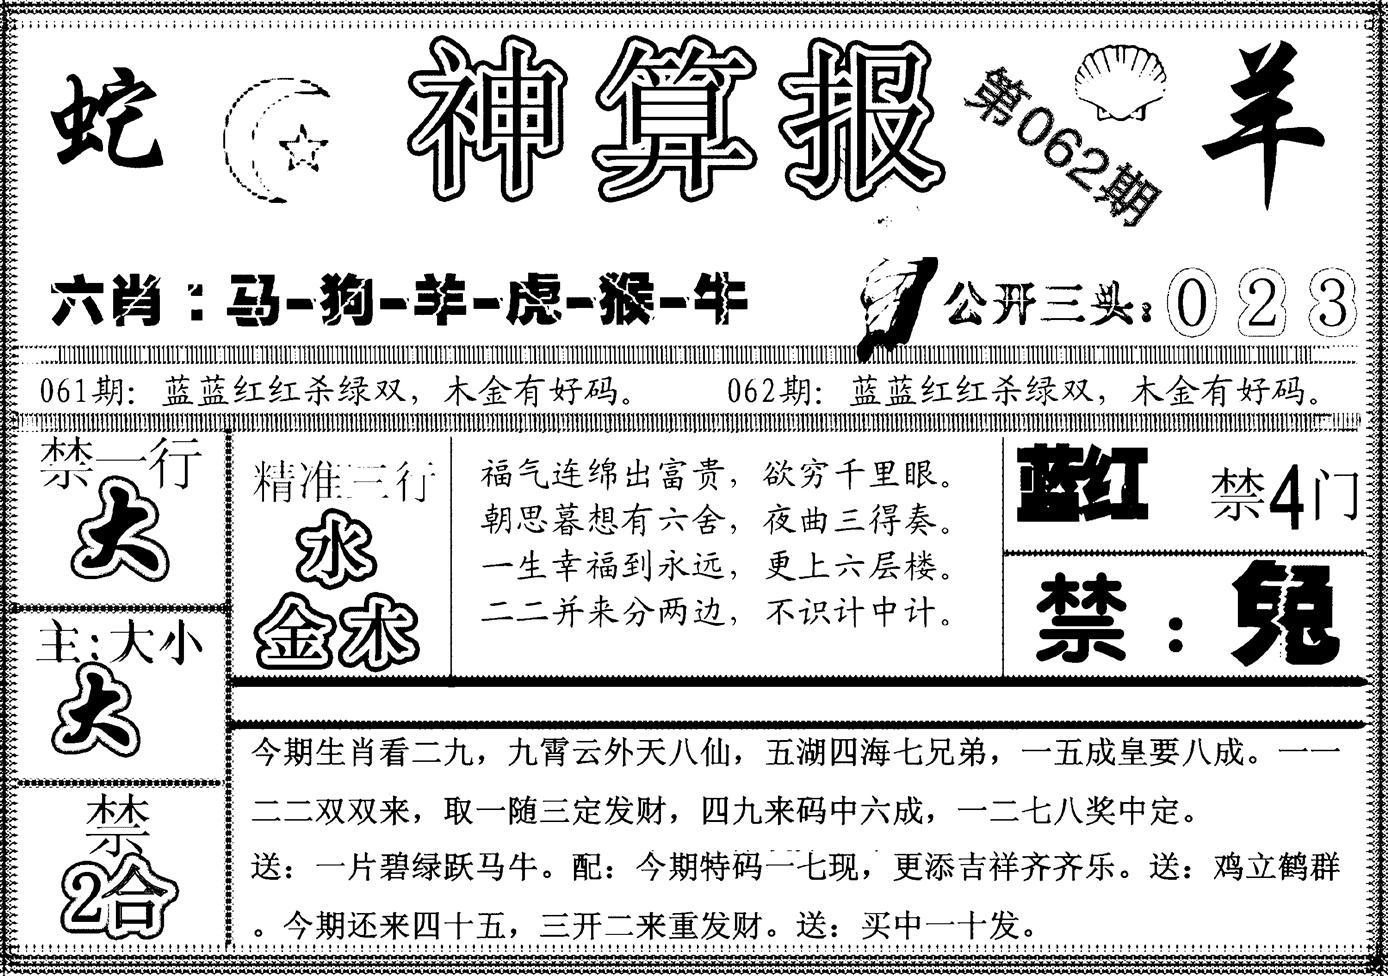 062期另神算报(黑白)